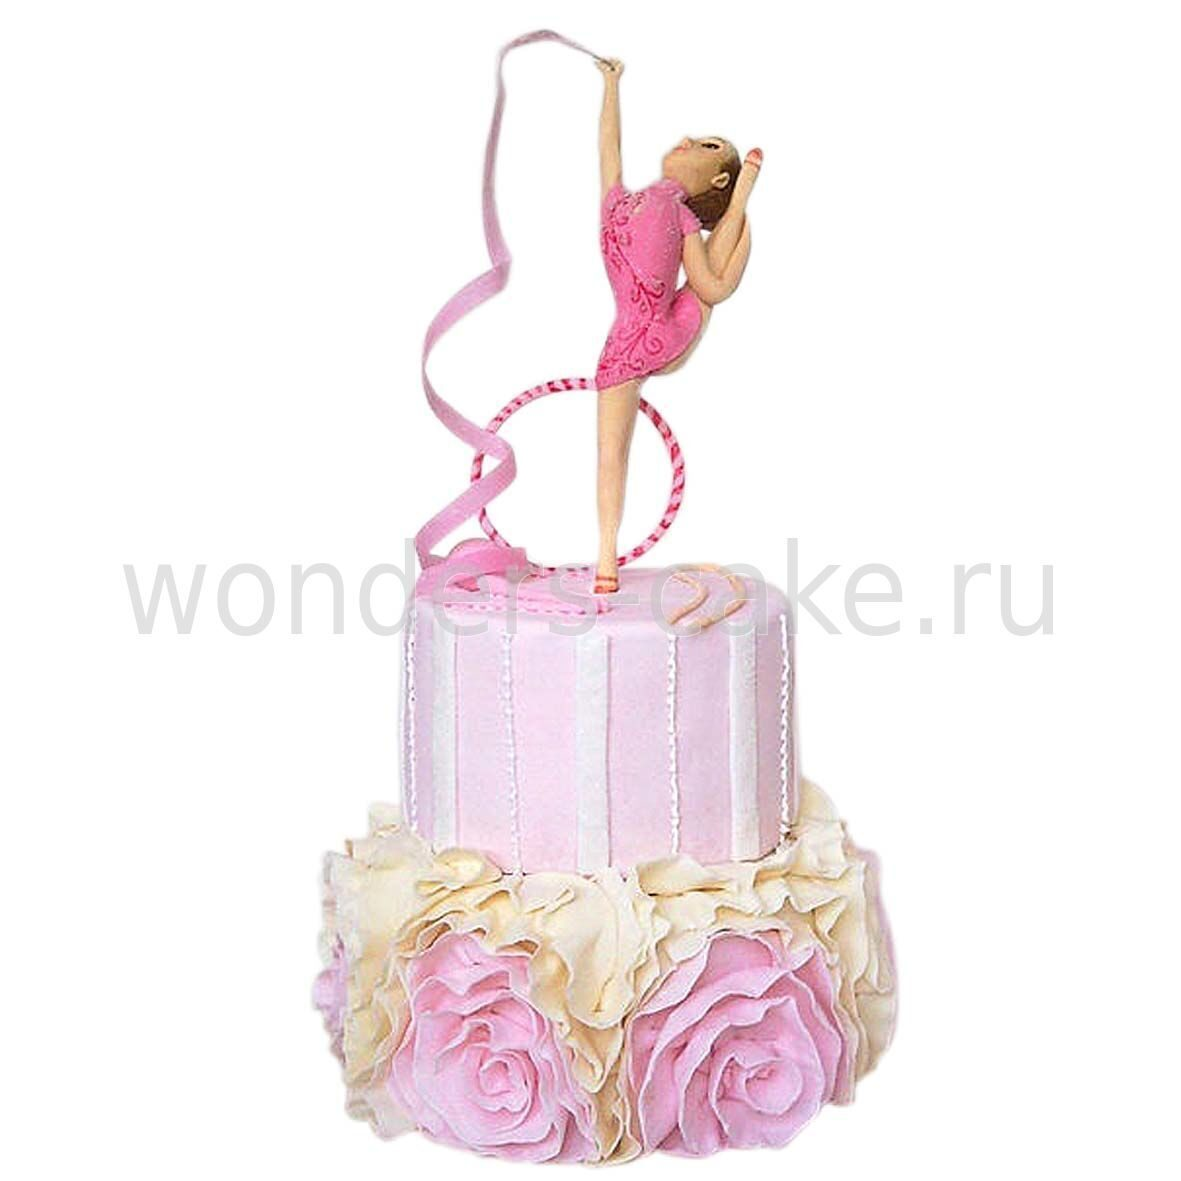 Картинки с гимнастками с днем рождения